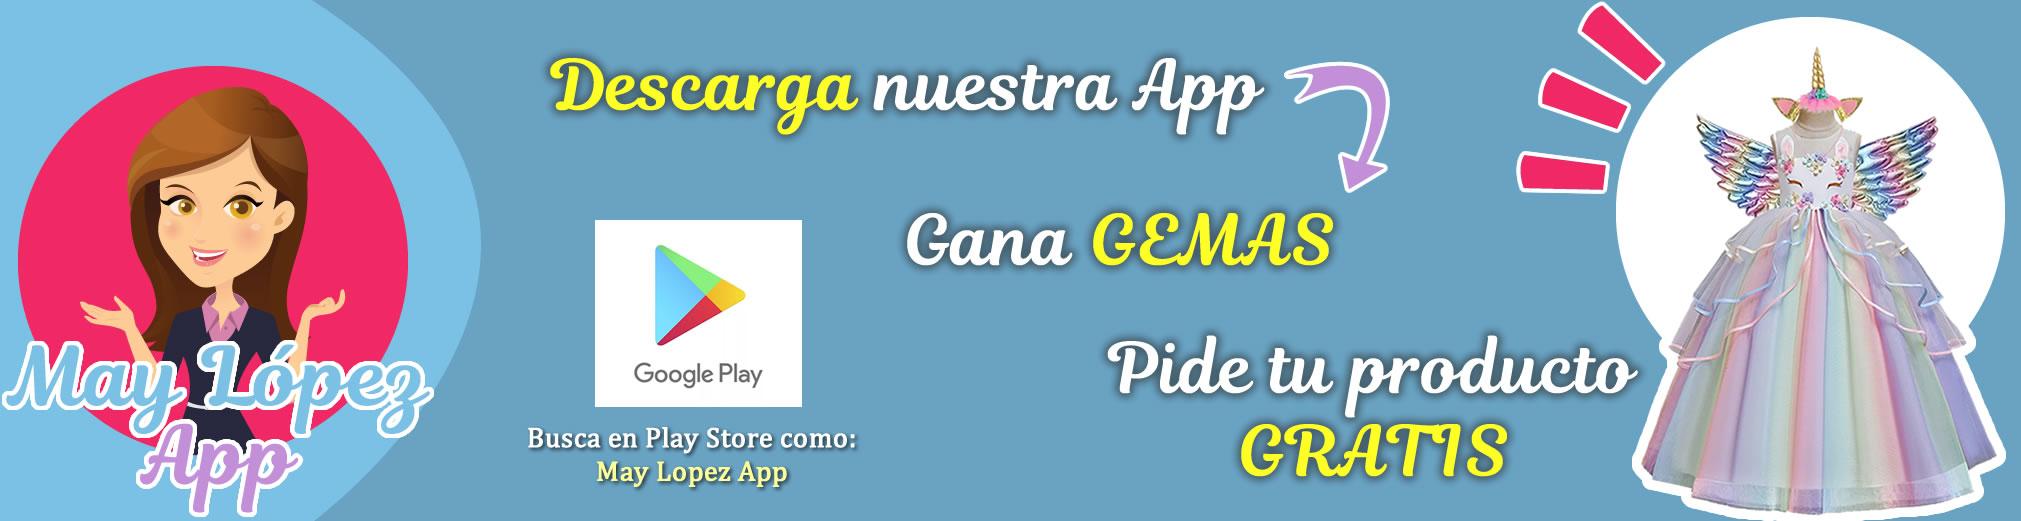 May Lopez App (jpg)